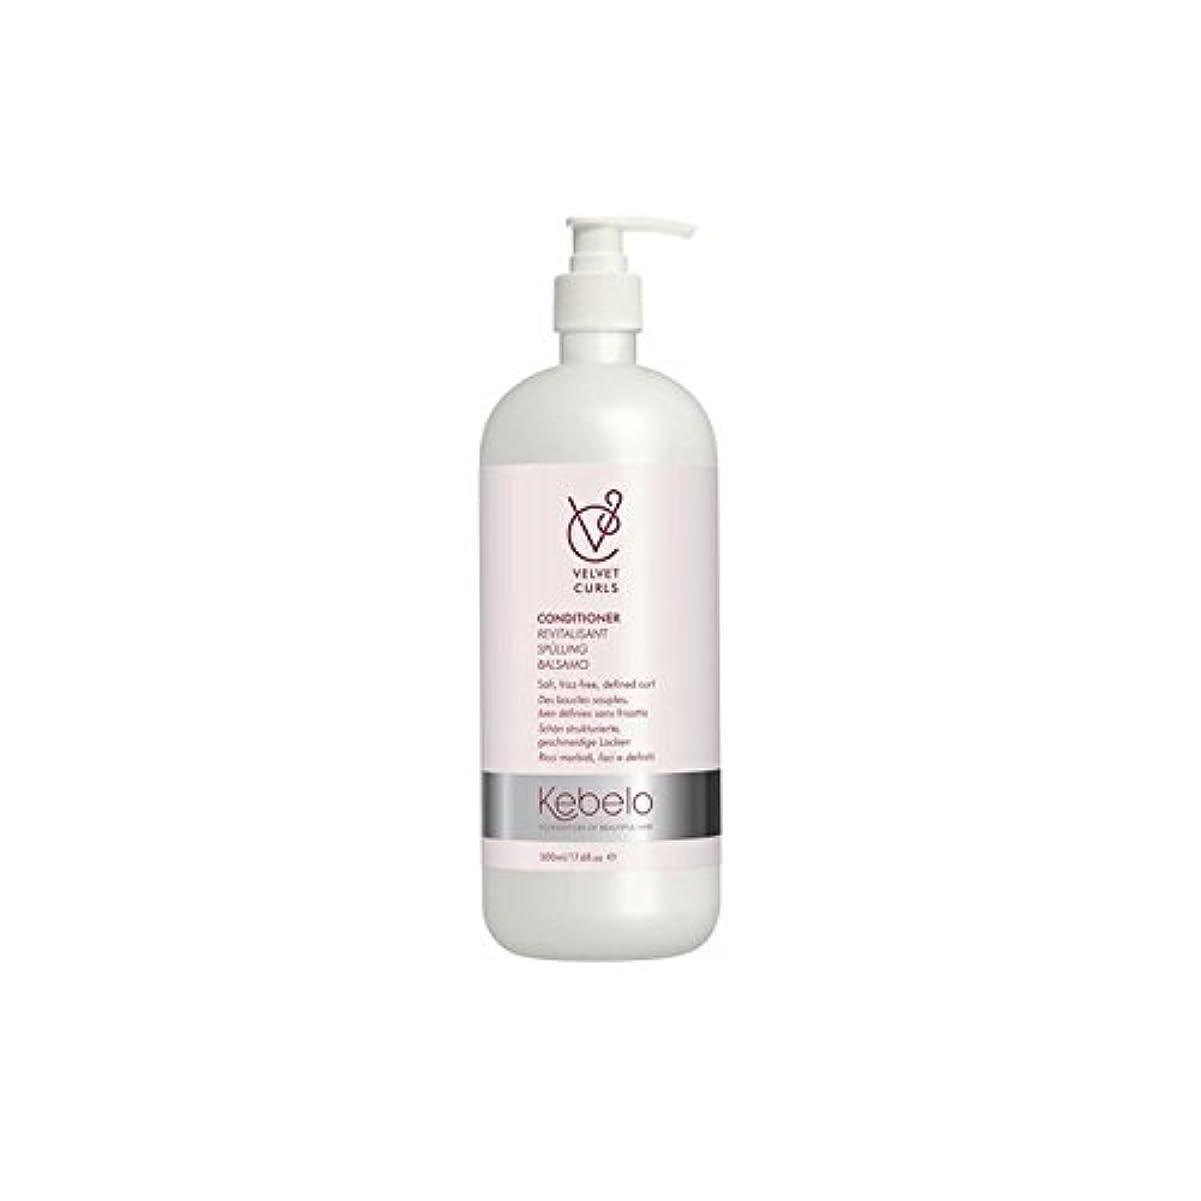 腫瘍選択する動物Kebelo Velvet Curls Conditioner (500ml) (Pack of 6) - ベルベットのカールコンディショナー(500ミリリットル) x6 [並行輸入品]